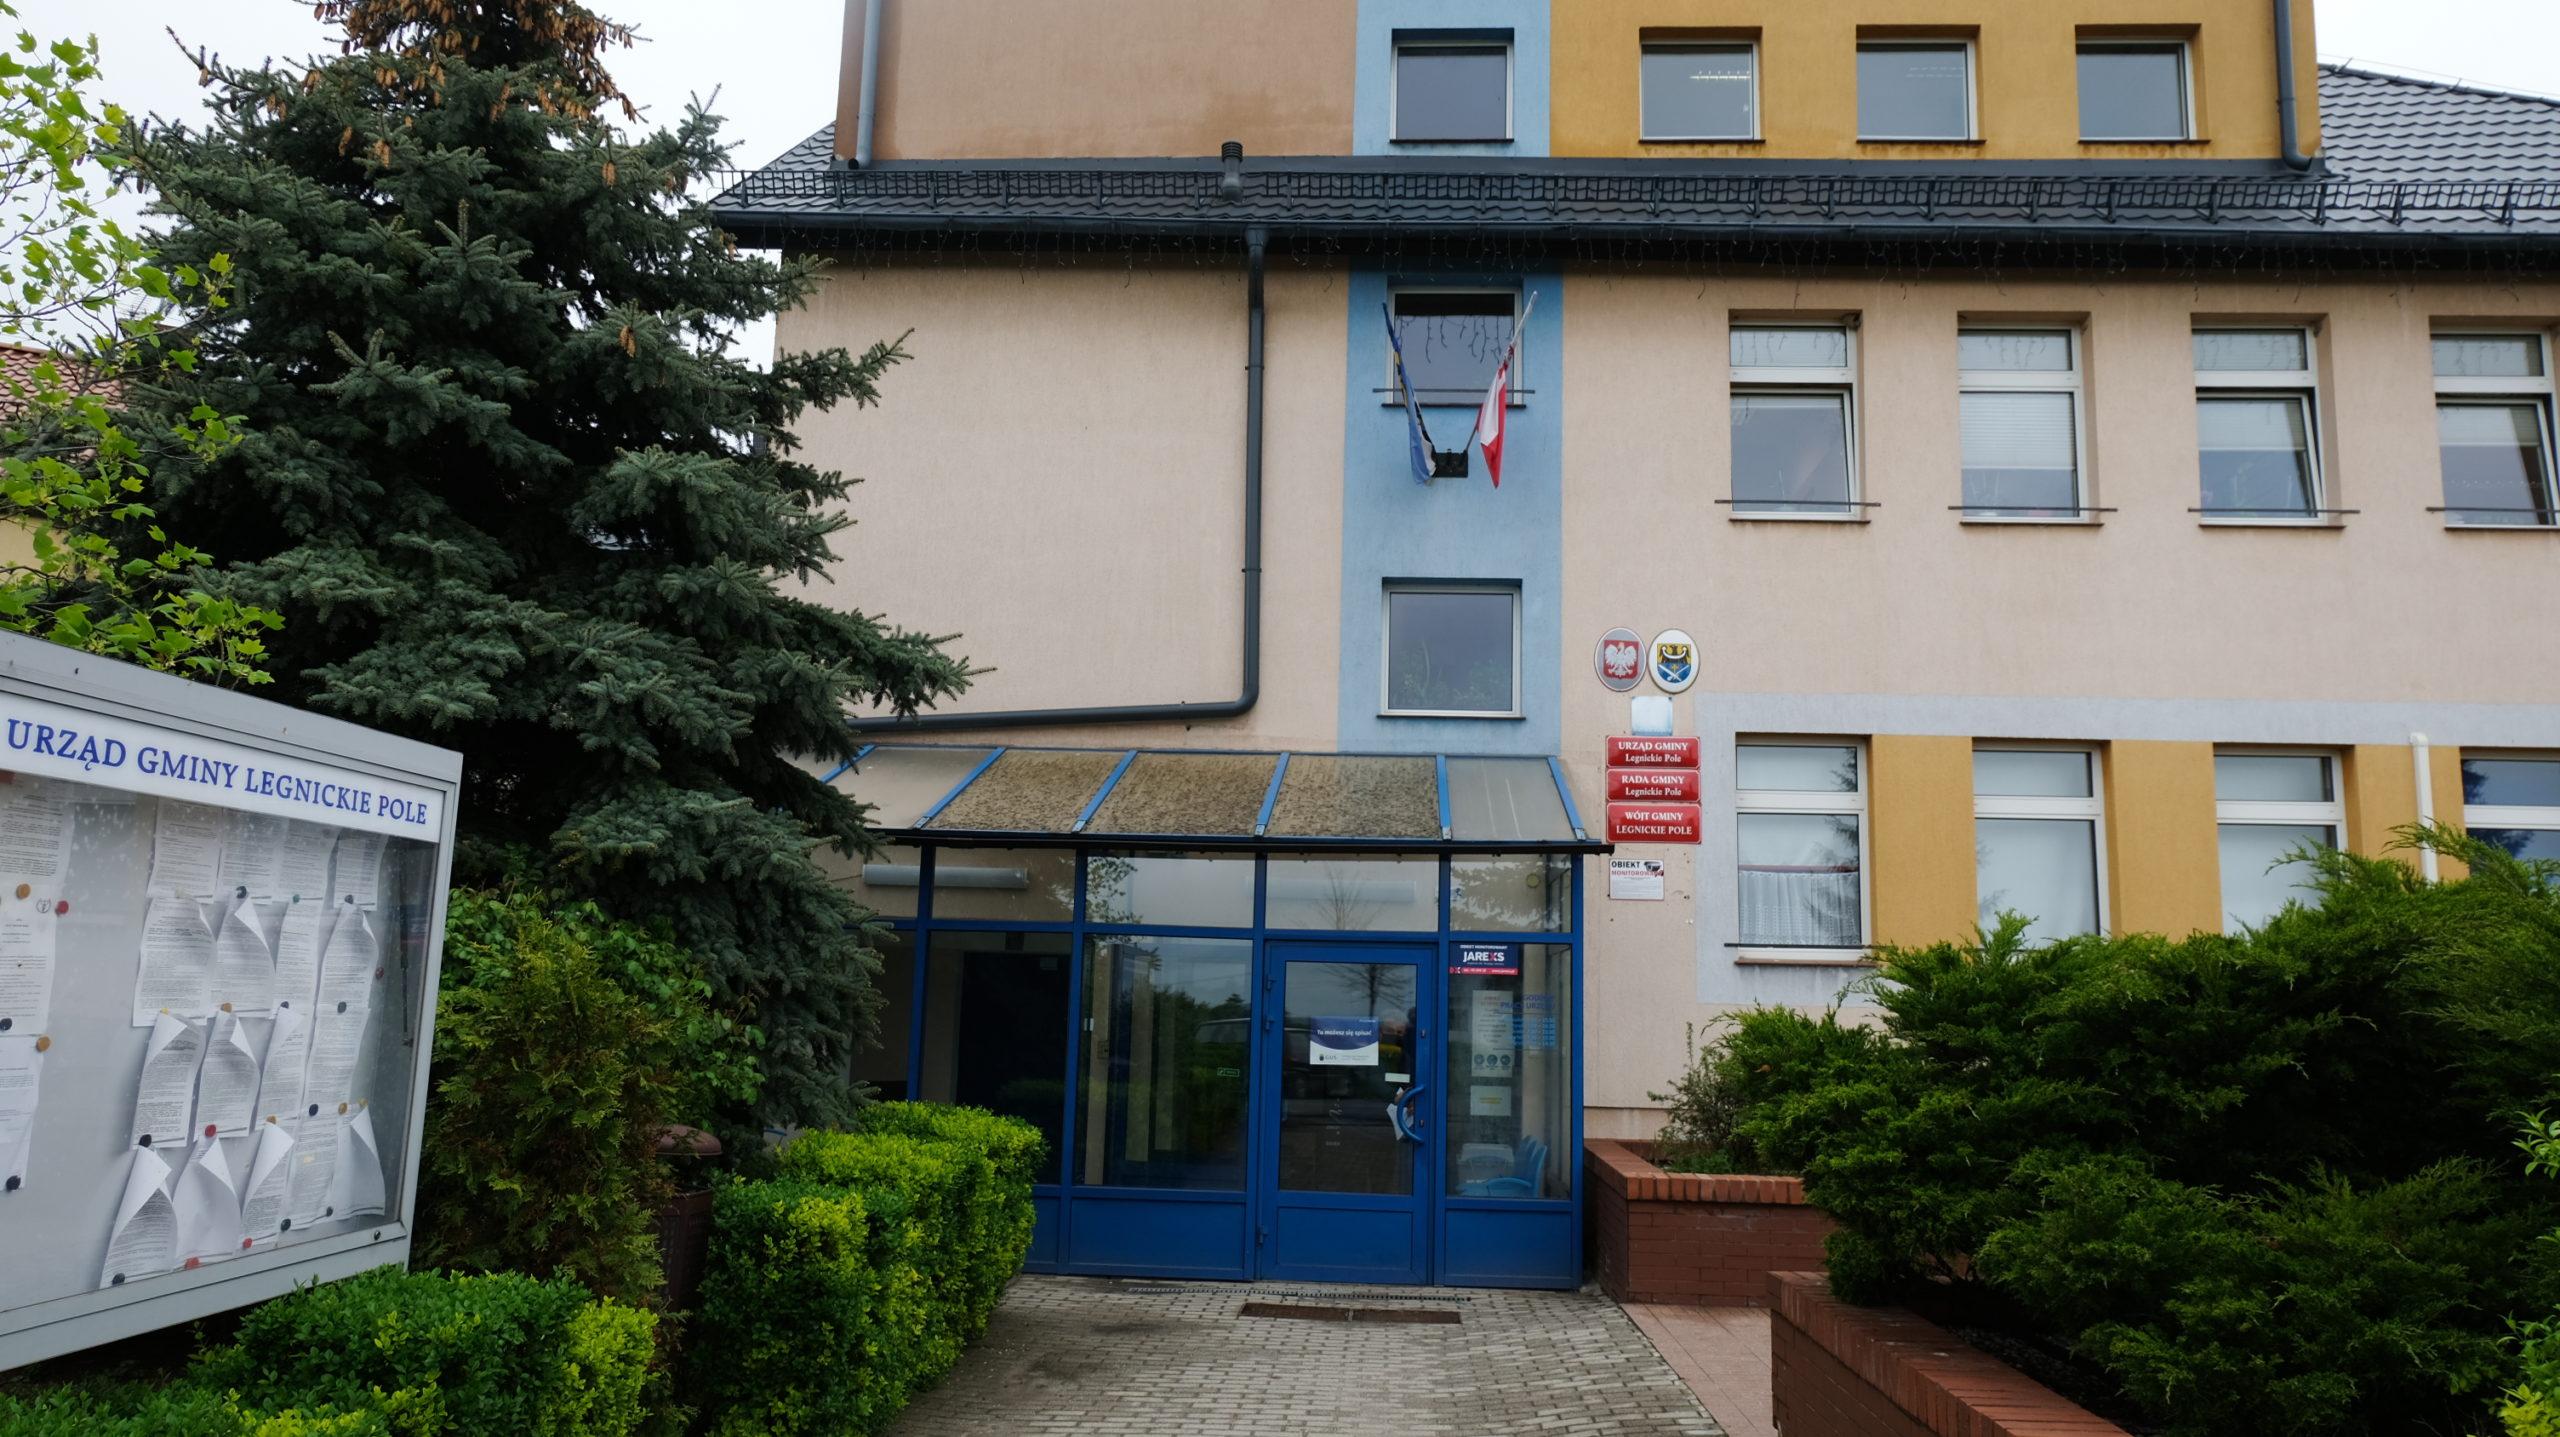 zdjęcie przedstawiające budynek urzędu gminy w legnickim polu